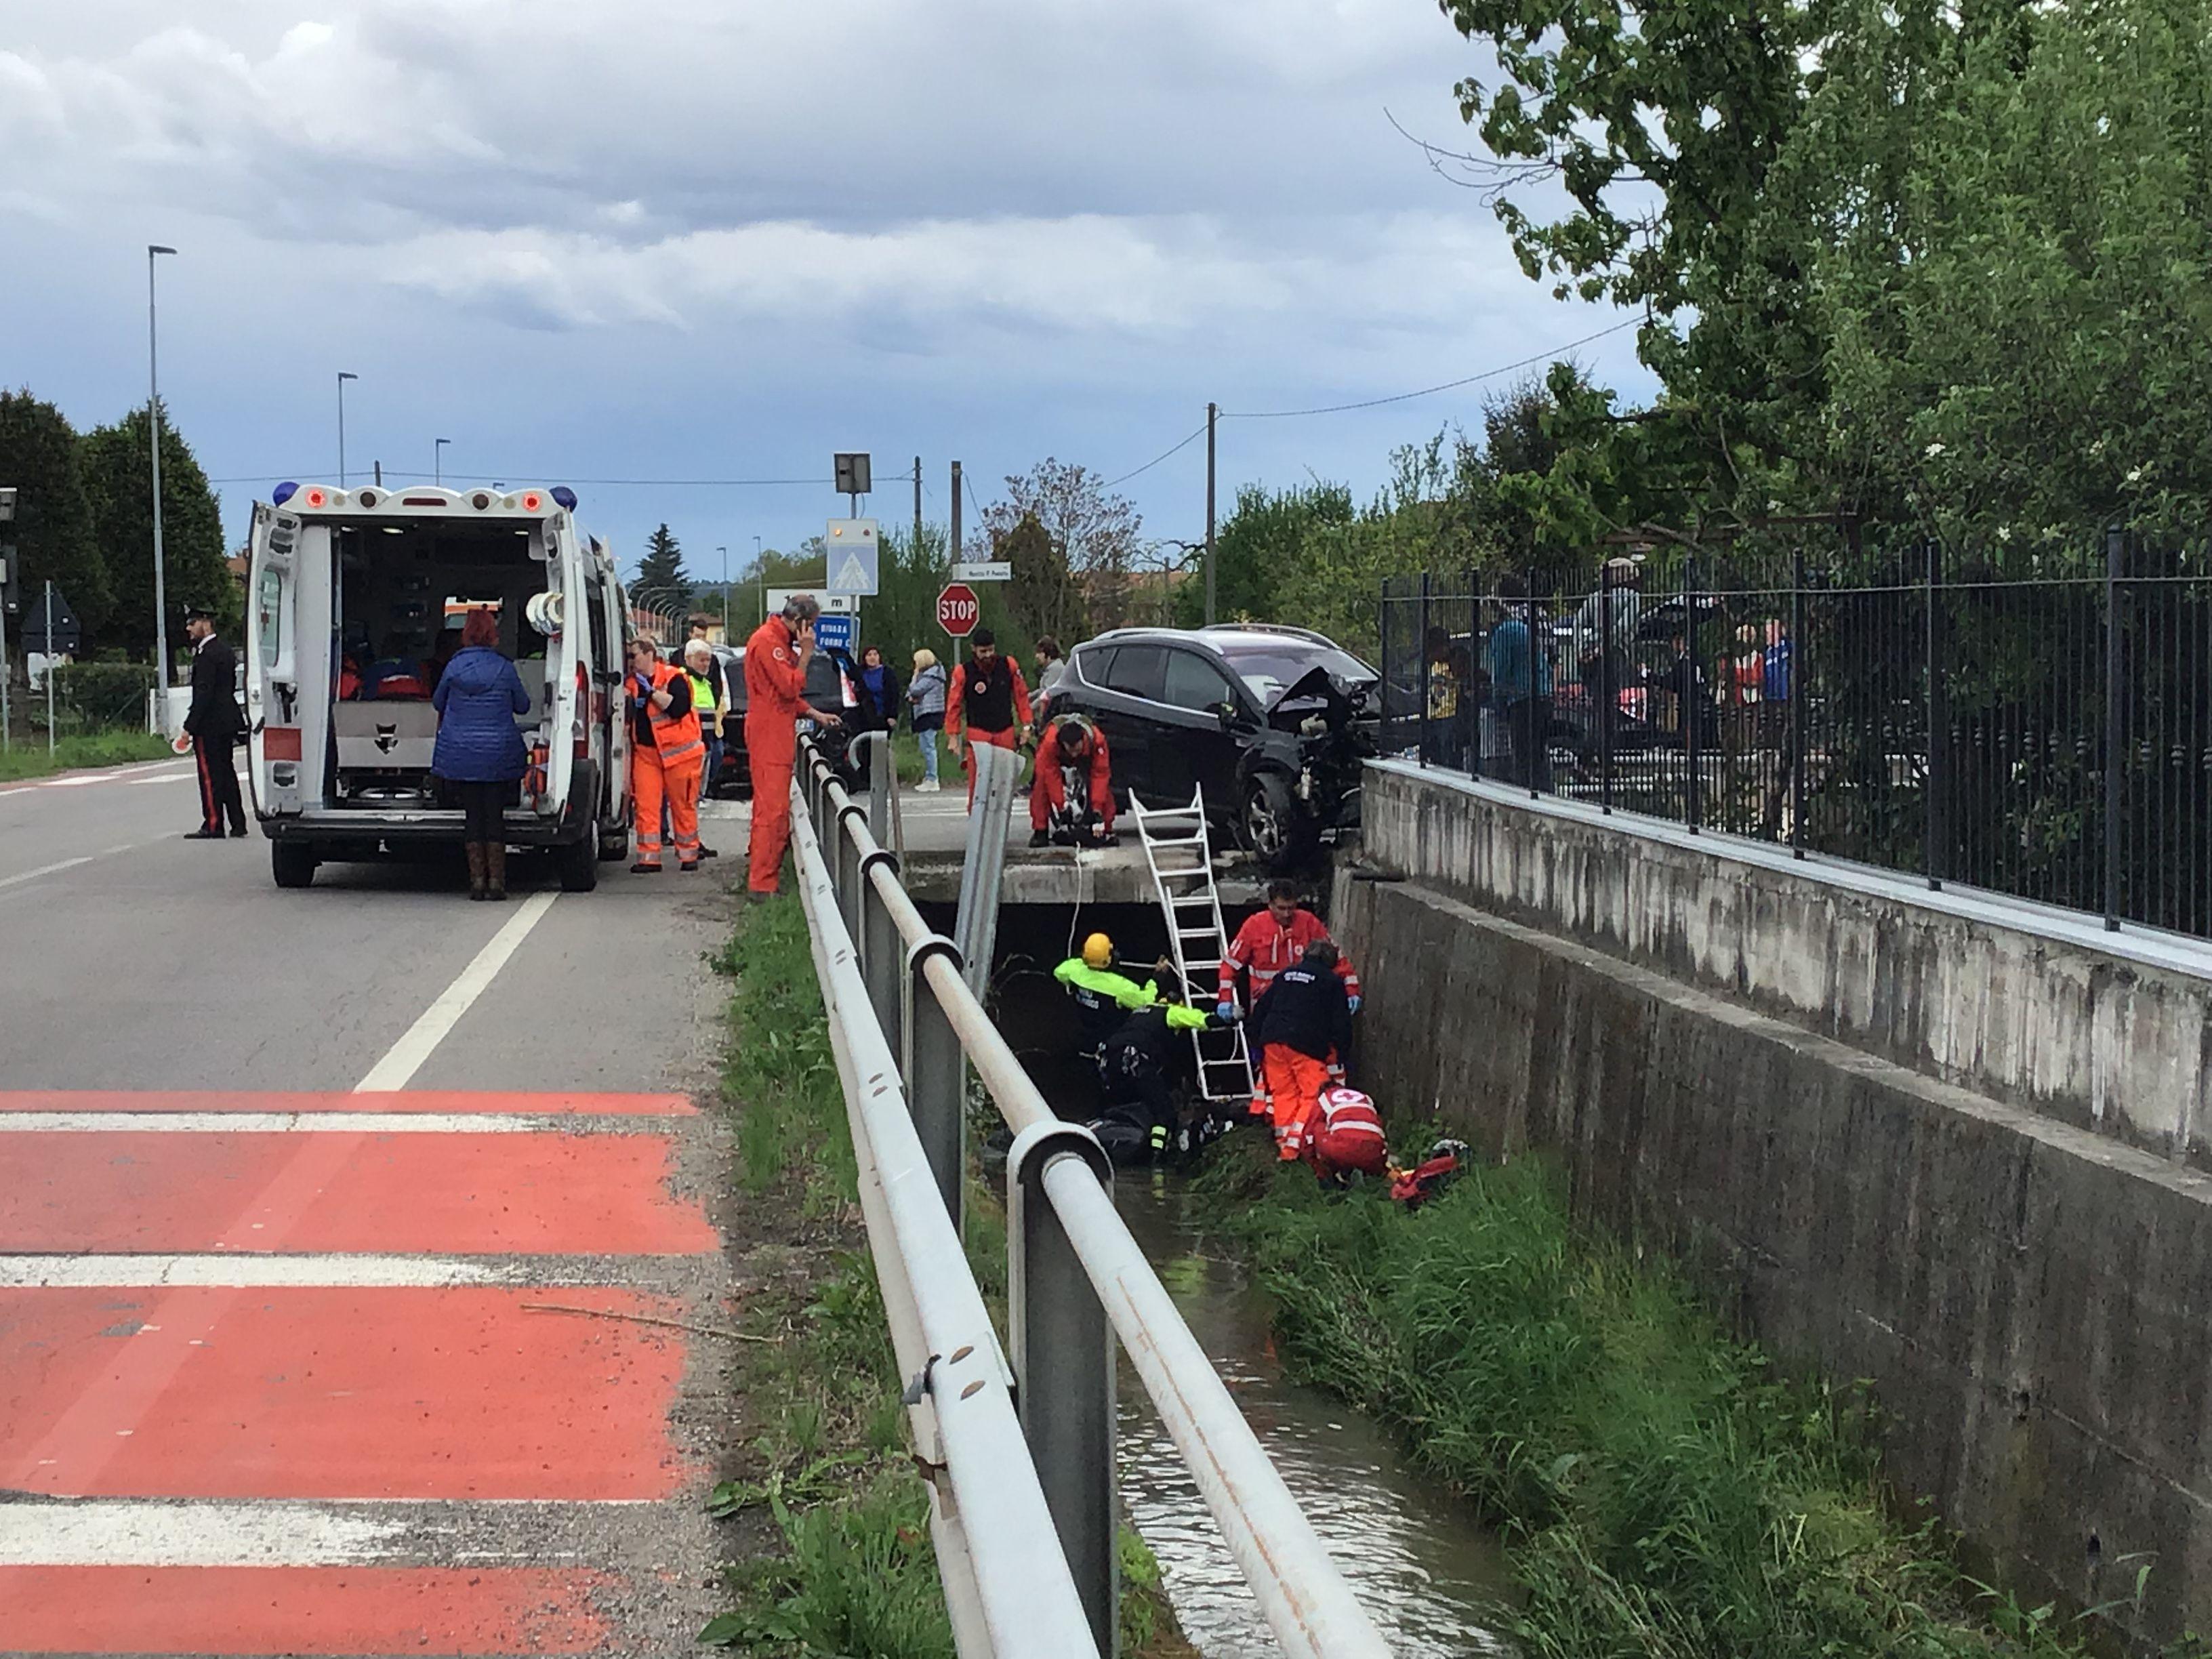 BUSANO - Incidente auto-scooter: due feriti recuperati dai vigili del fuoco nel canale - FOTO E VIDEO